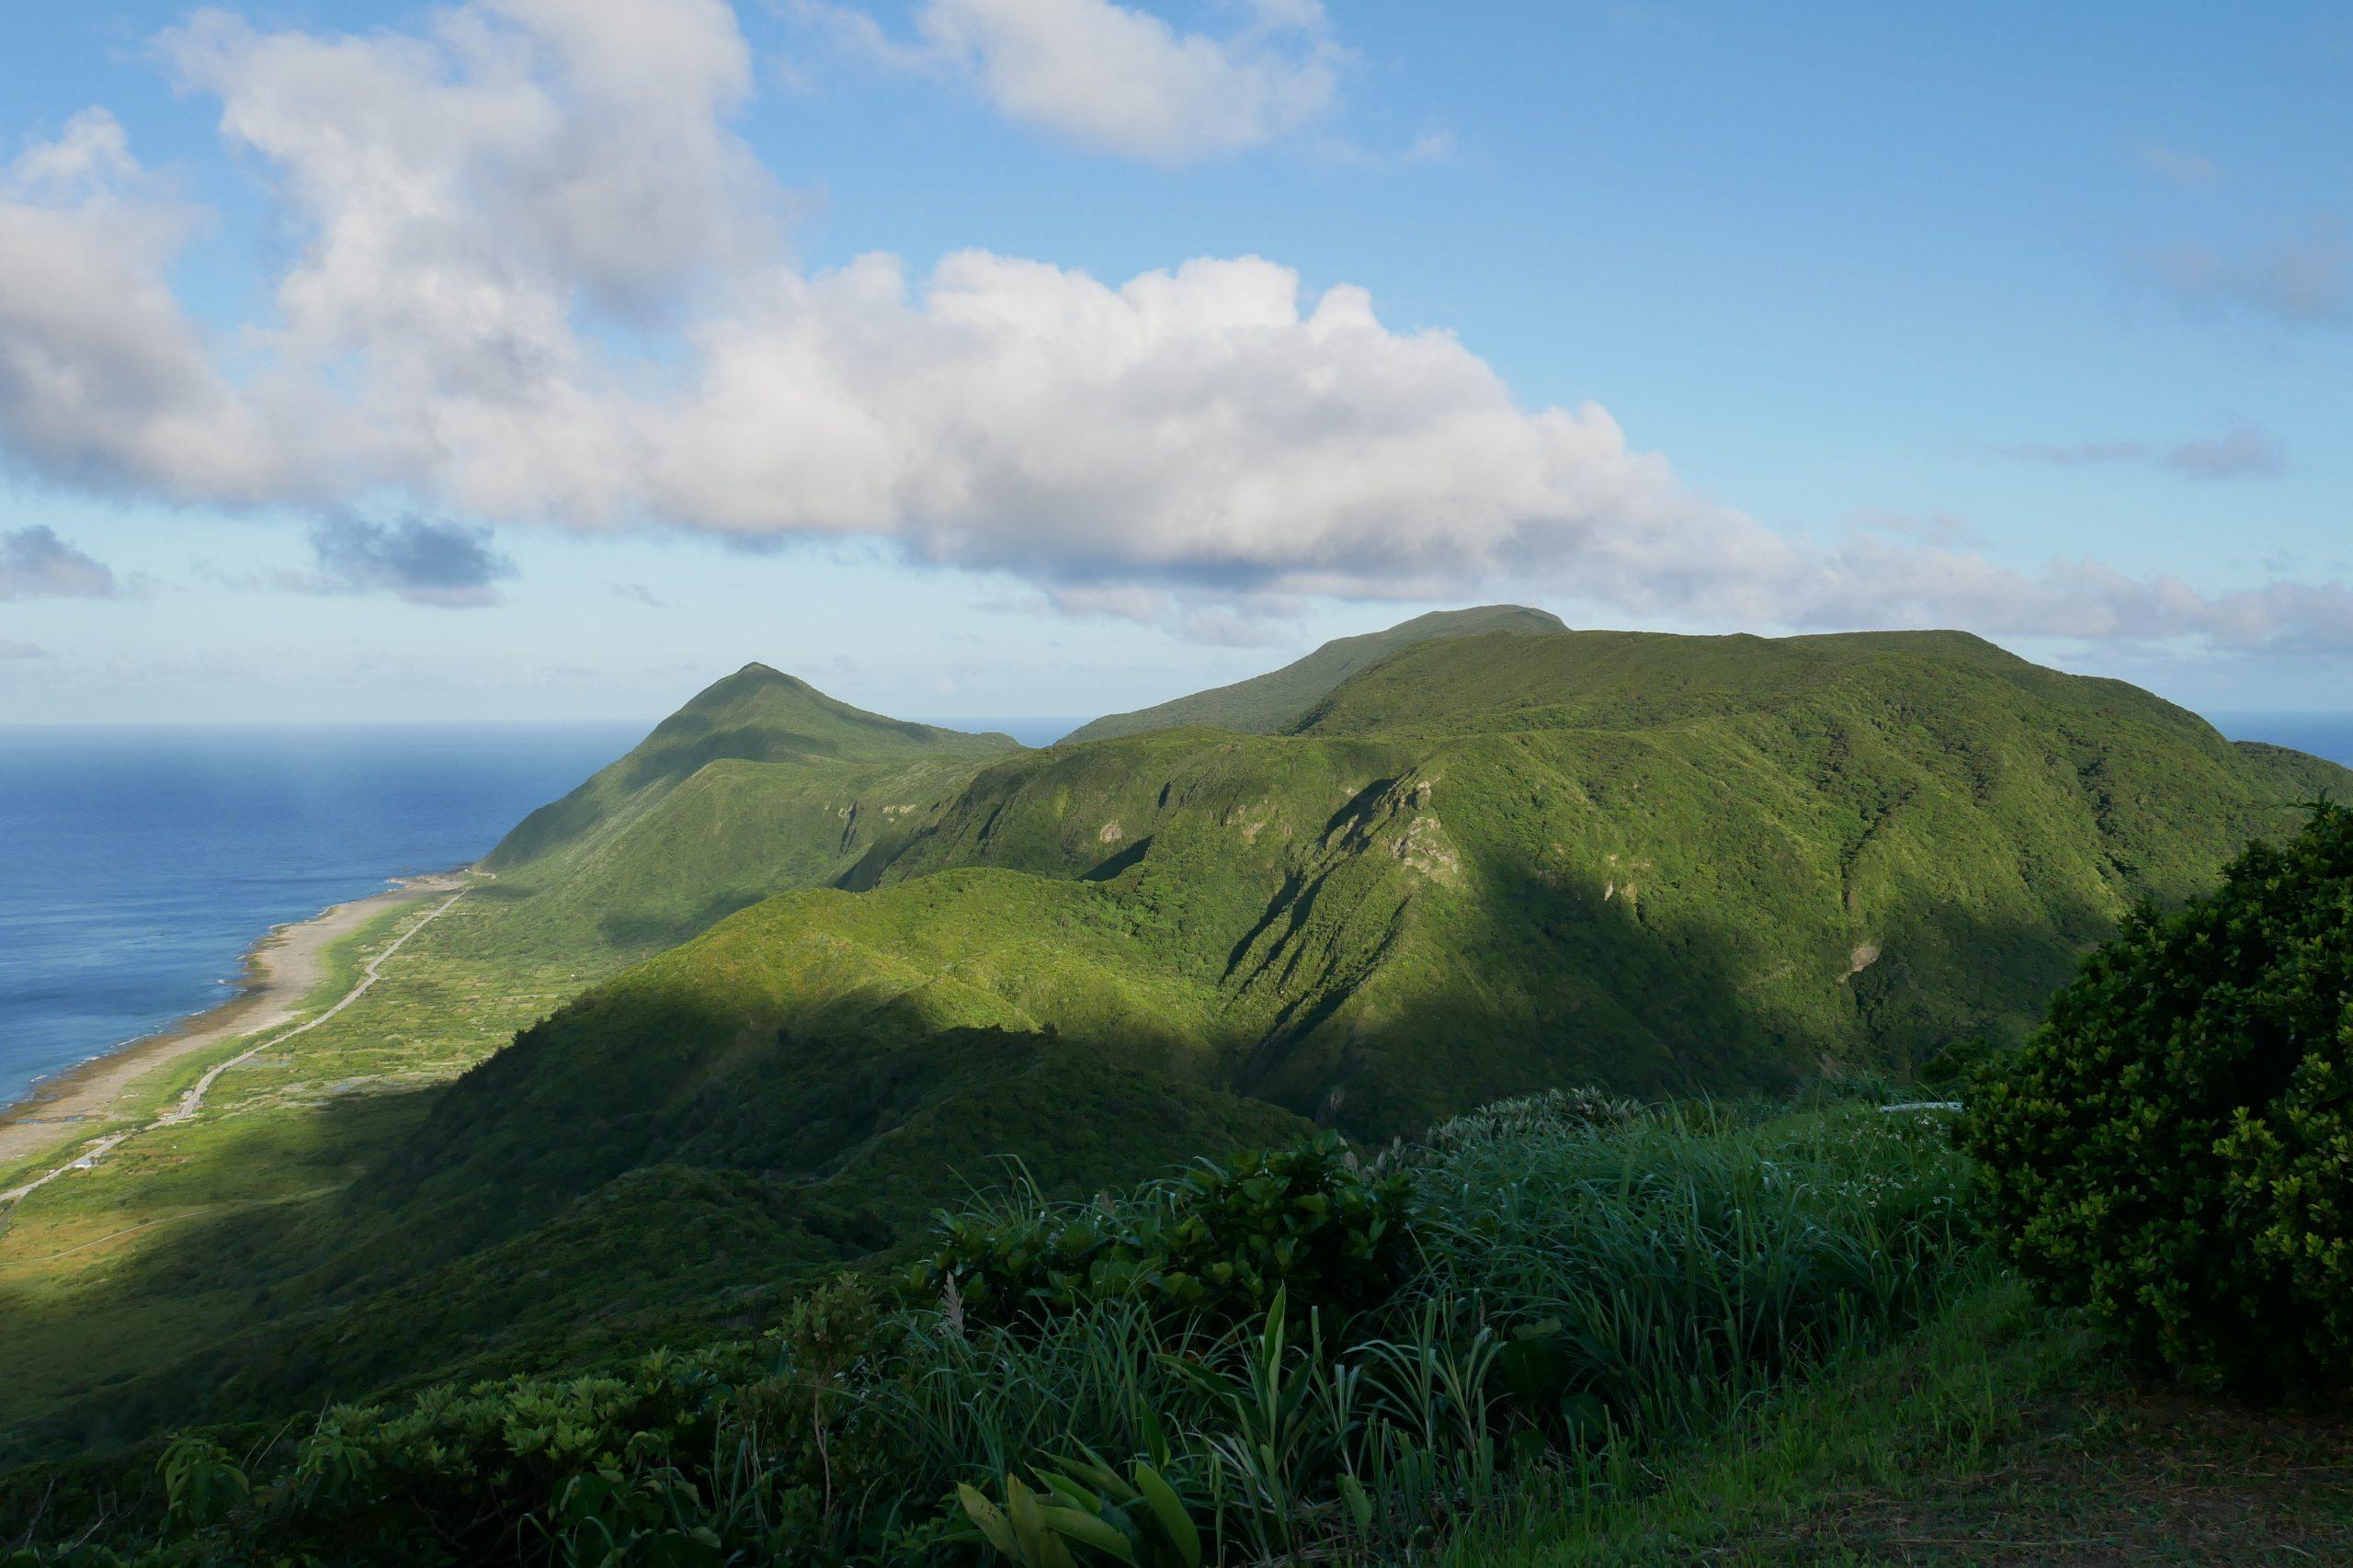 蘭嶼景點推薦-椰油國小放鬆看無敵海景、蘭嶼氣象站看美景、青青草原看夕陽